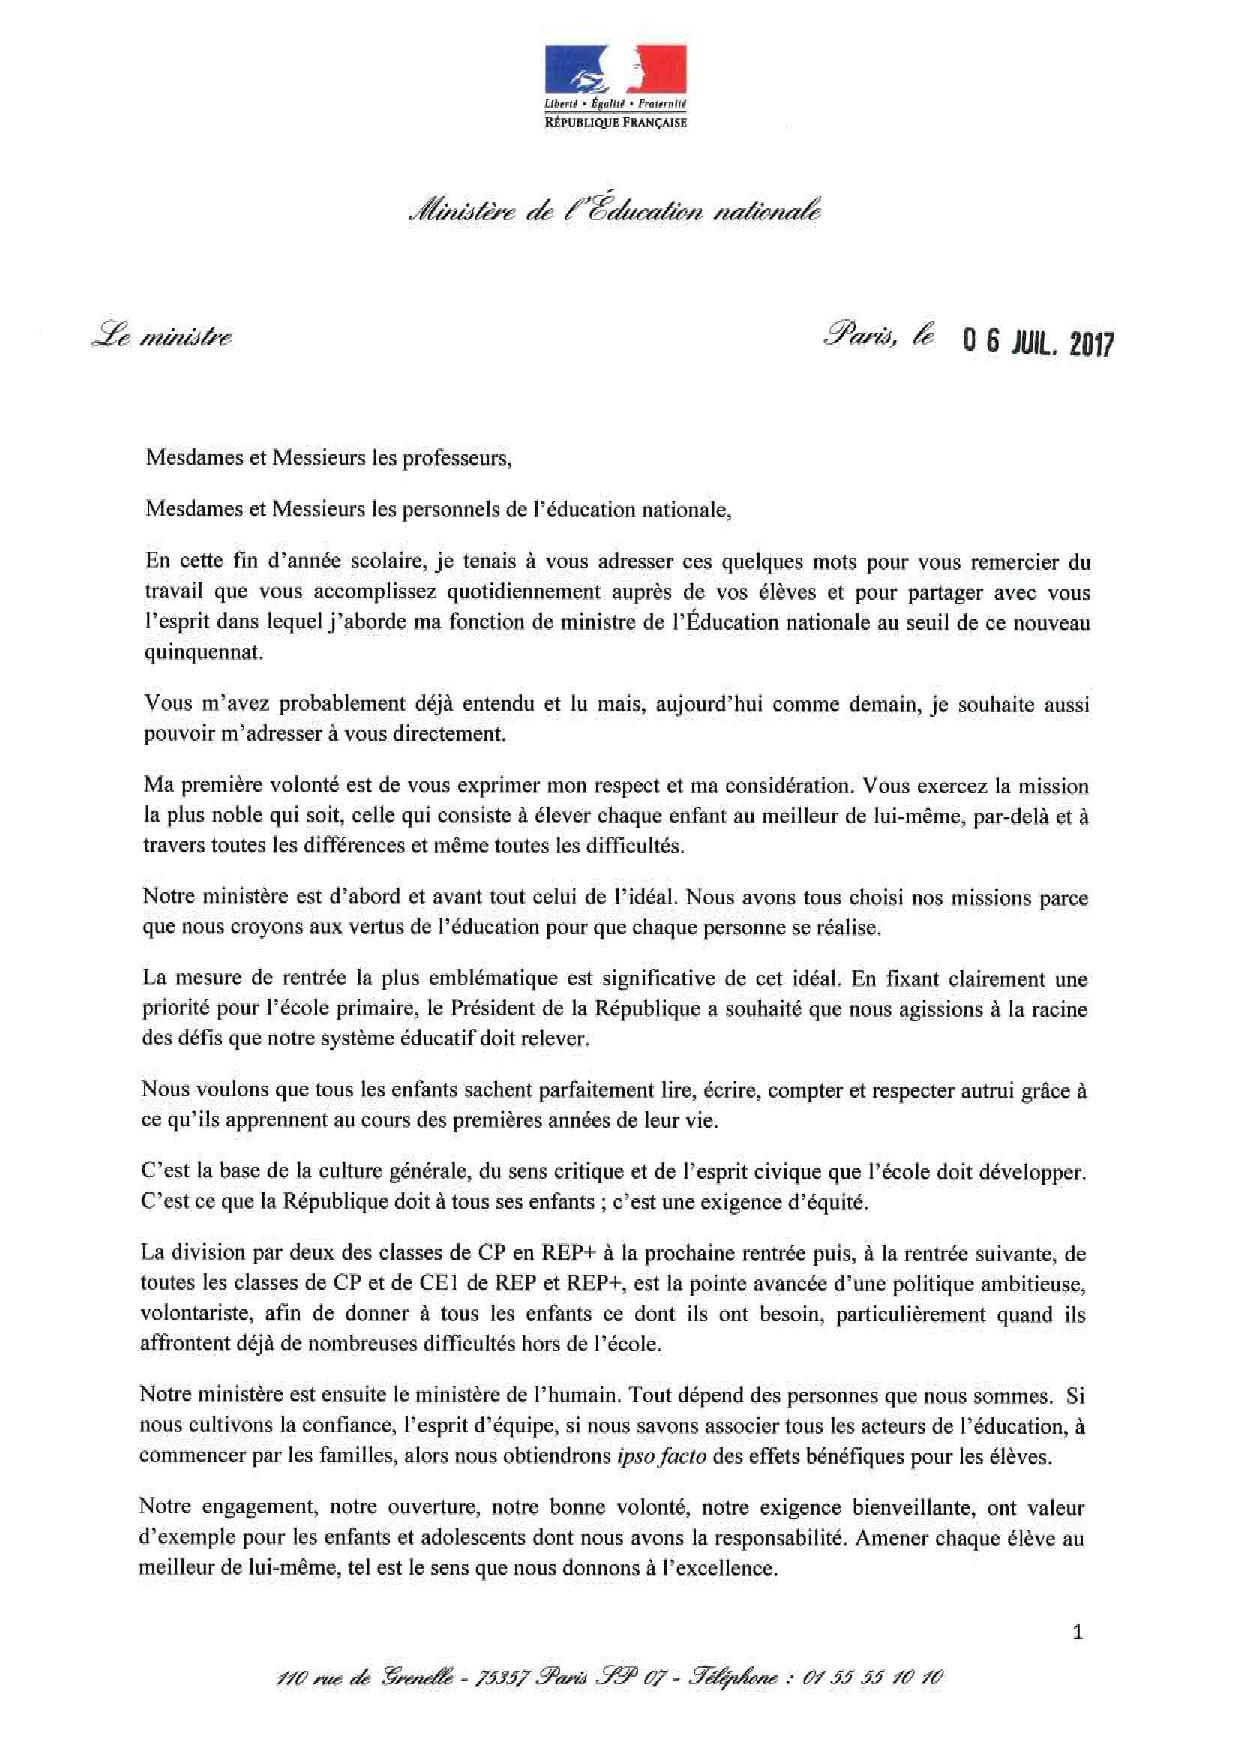 Culture générale 7 lettres